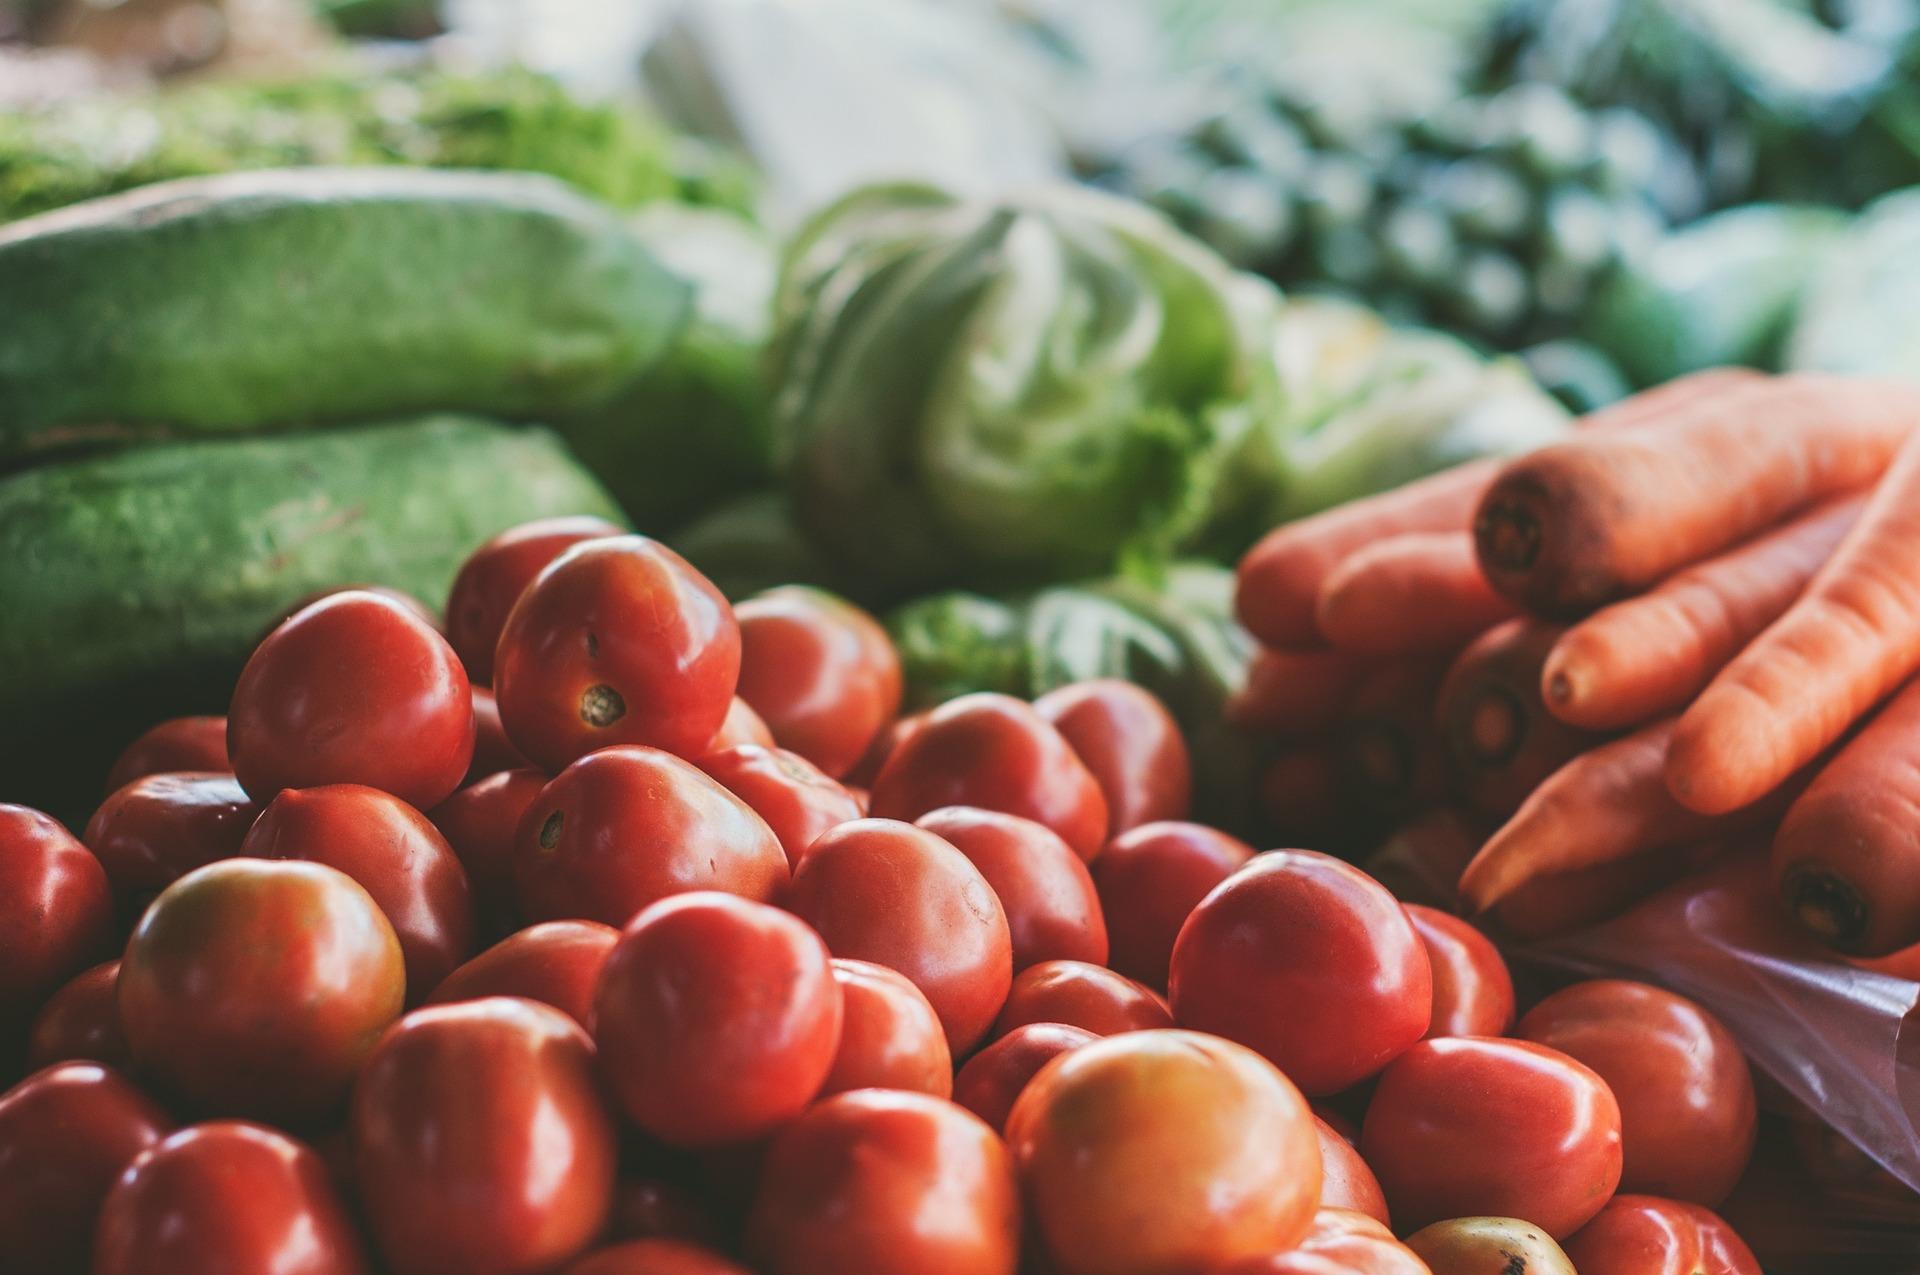 Ціни на тепличні овочі в Україні в 2022 році можуть побити всі рекорди